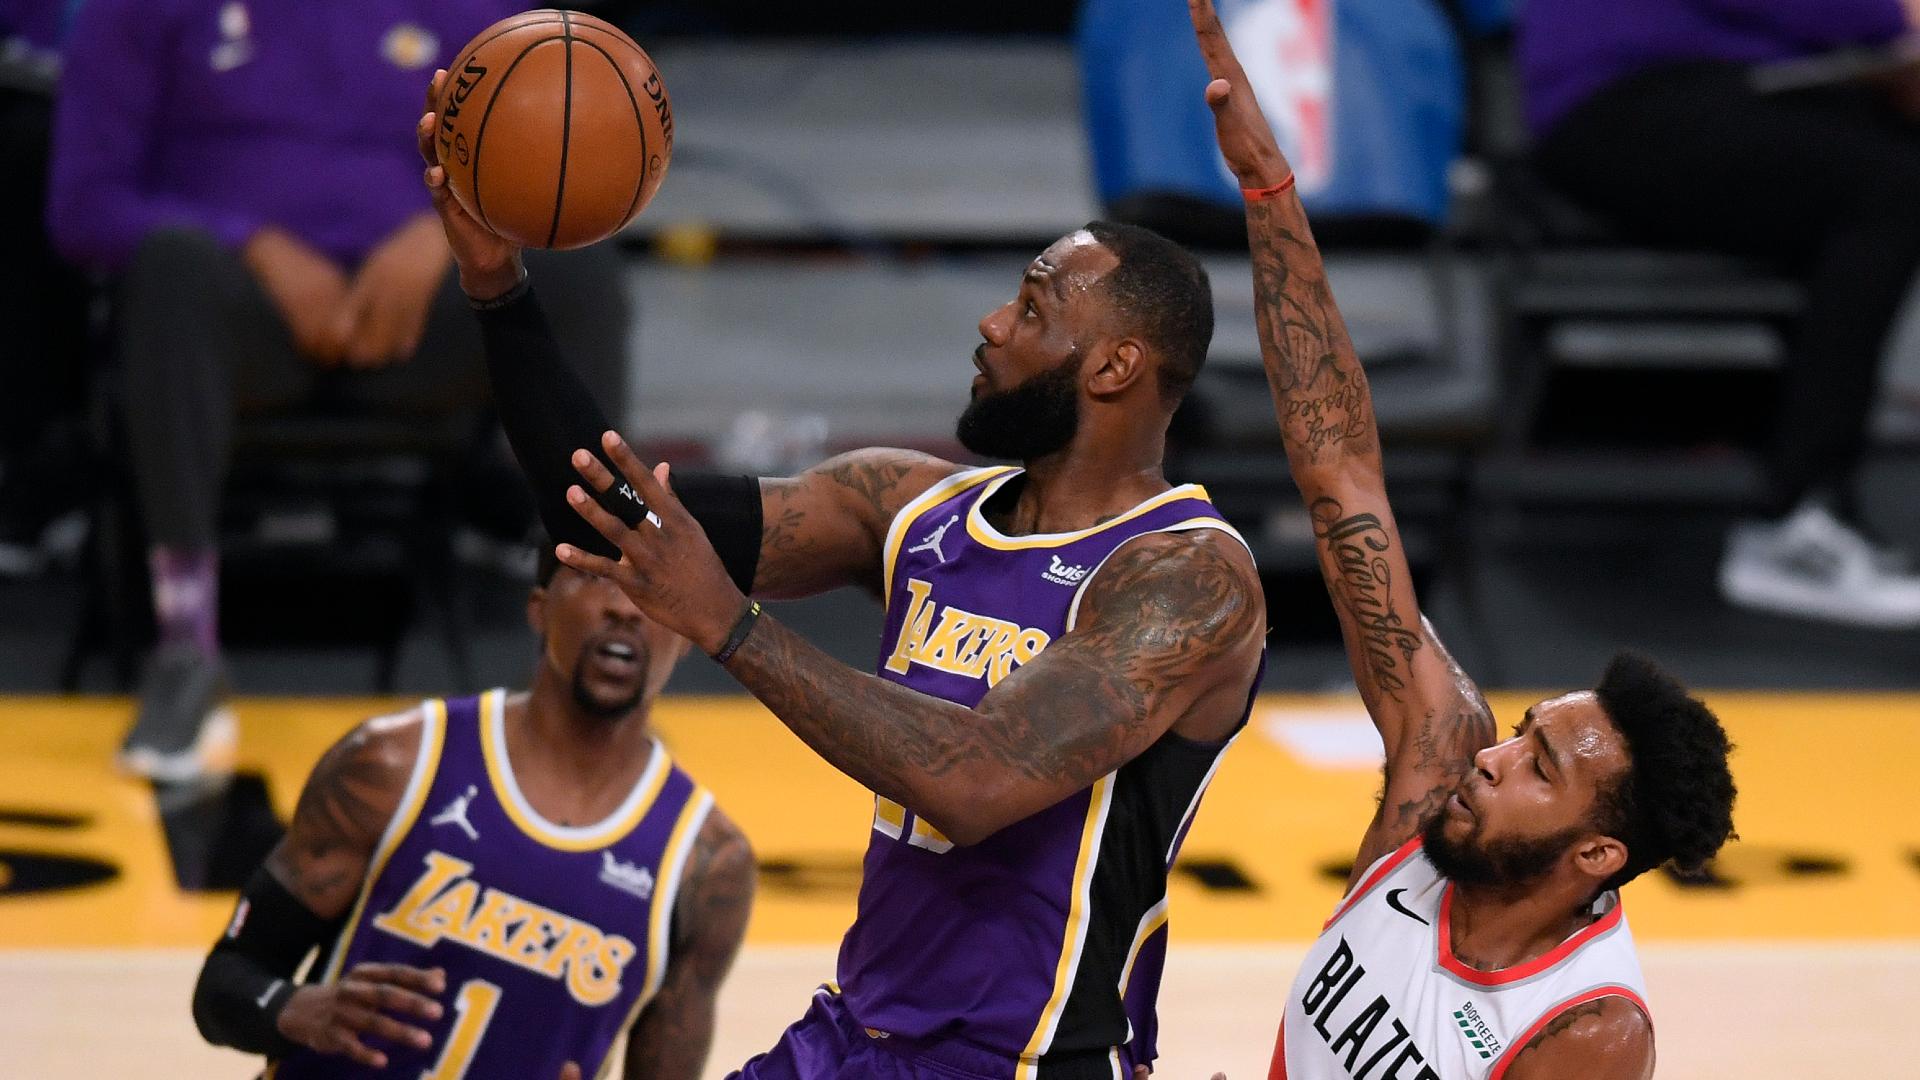 LeBron helps Lakers snap losing streak, Butler stars as Heat beat Jazz